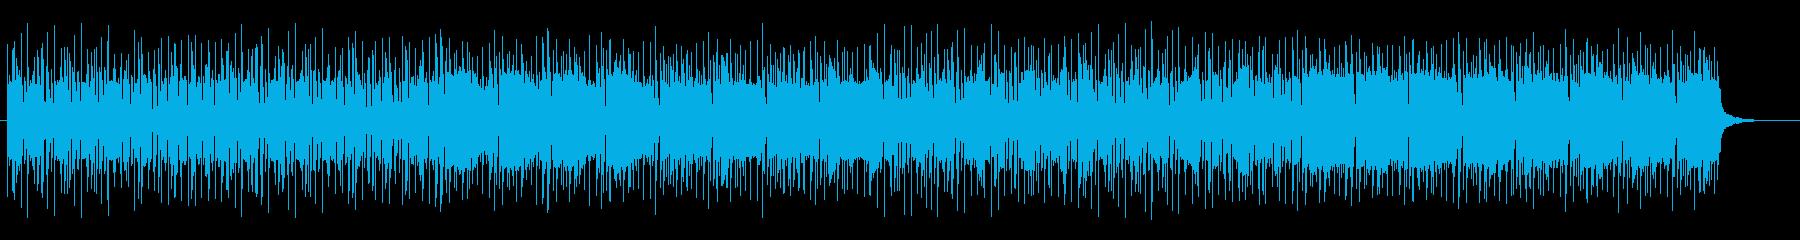 陽気で軽快なアップテンポラテンサウンドの再生済みの波形